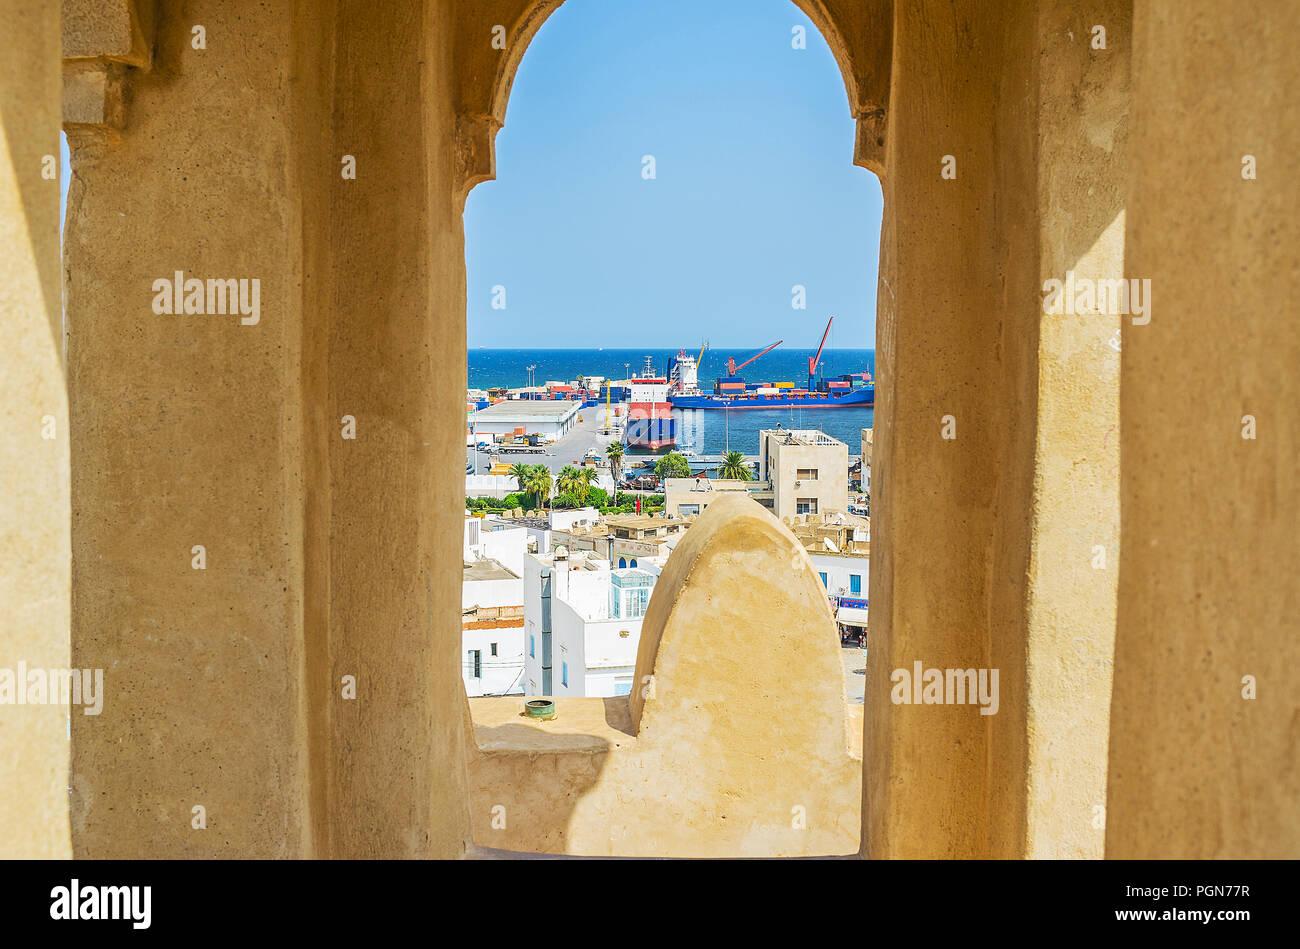 La pequeña ventana en la torre del Ribat fortaleza con vistas a los tejados de la Medina y el puerto industrial, Sousse, Túnez. Imagen De Stock